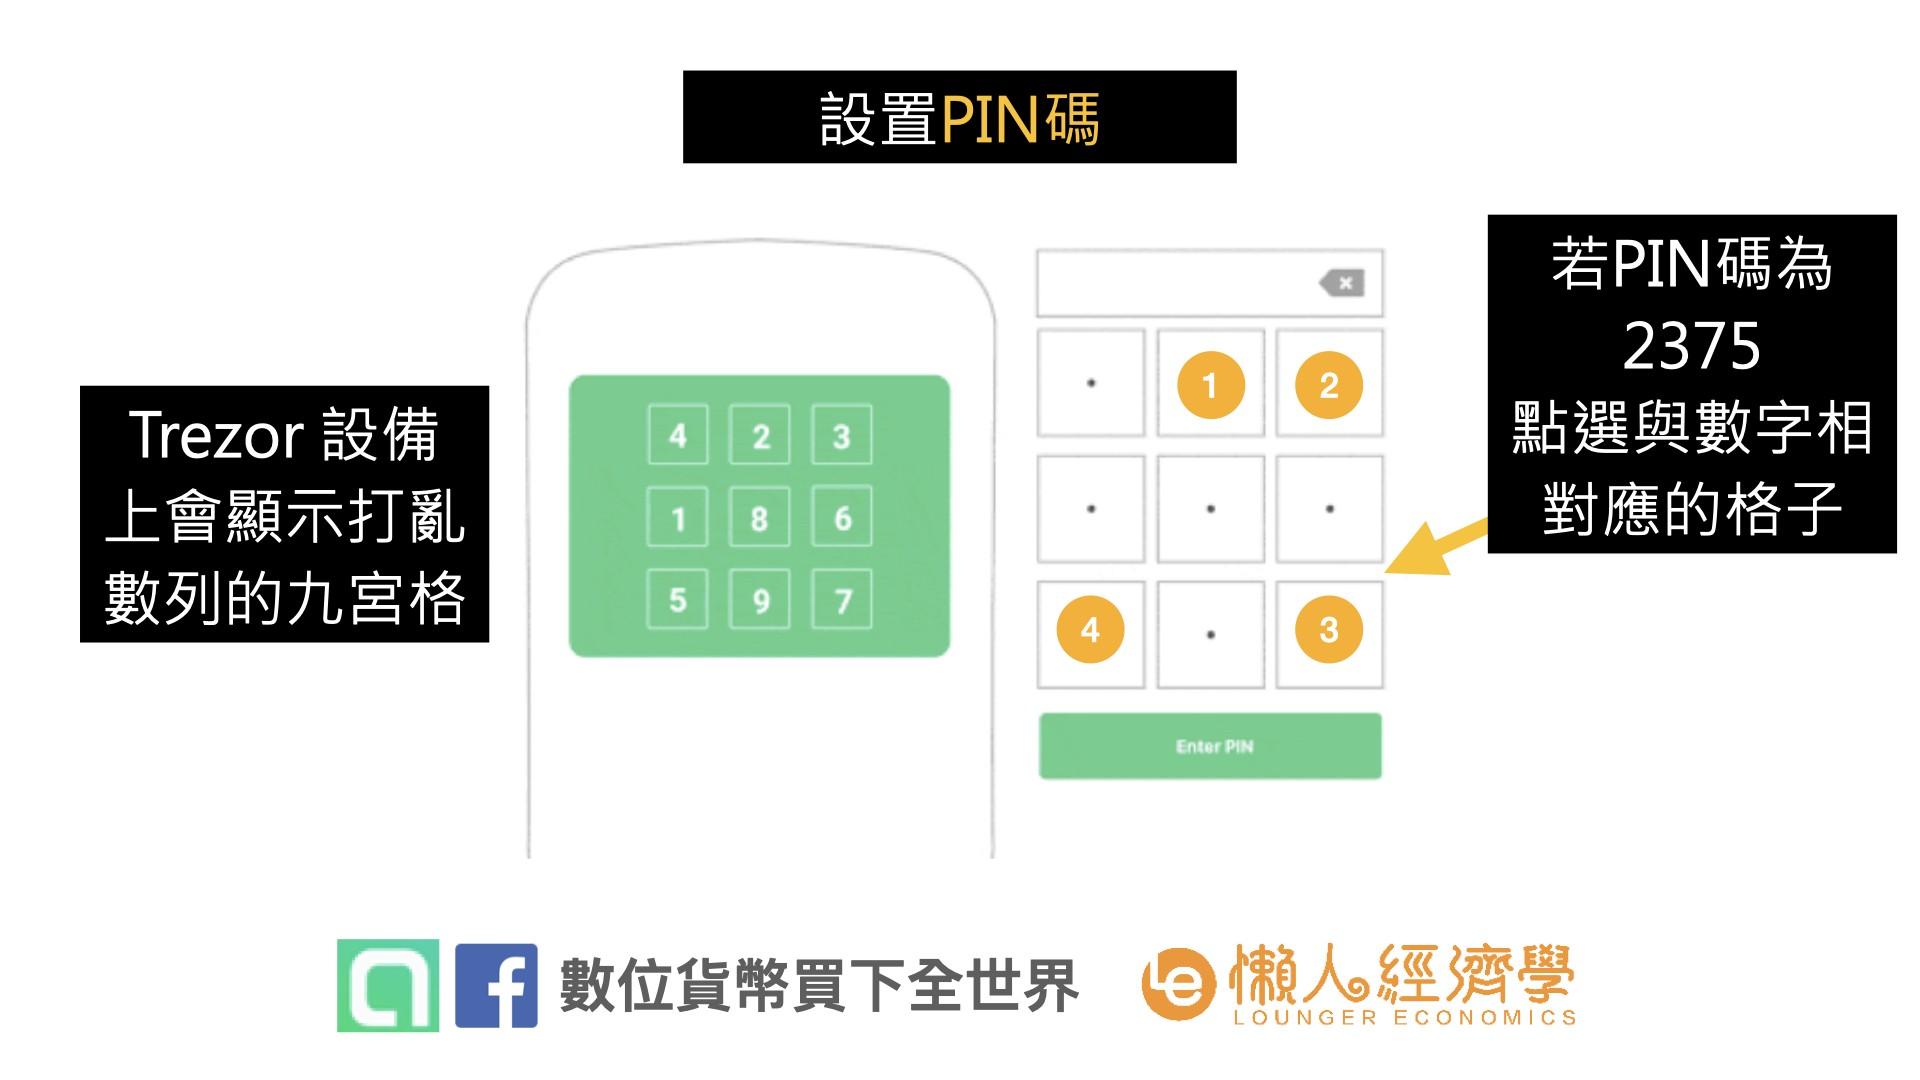 Trezor Wallet 設定教學:設置PIN碼